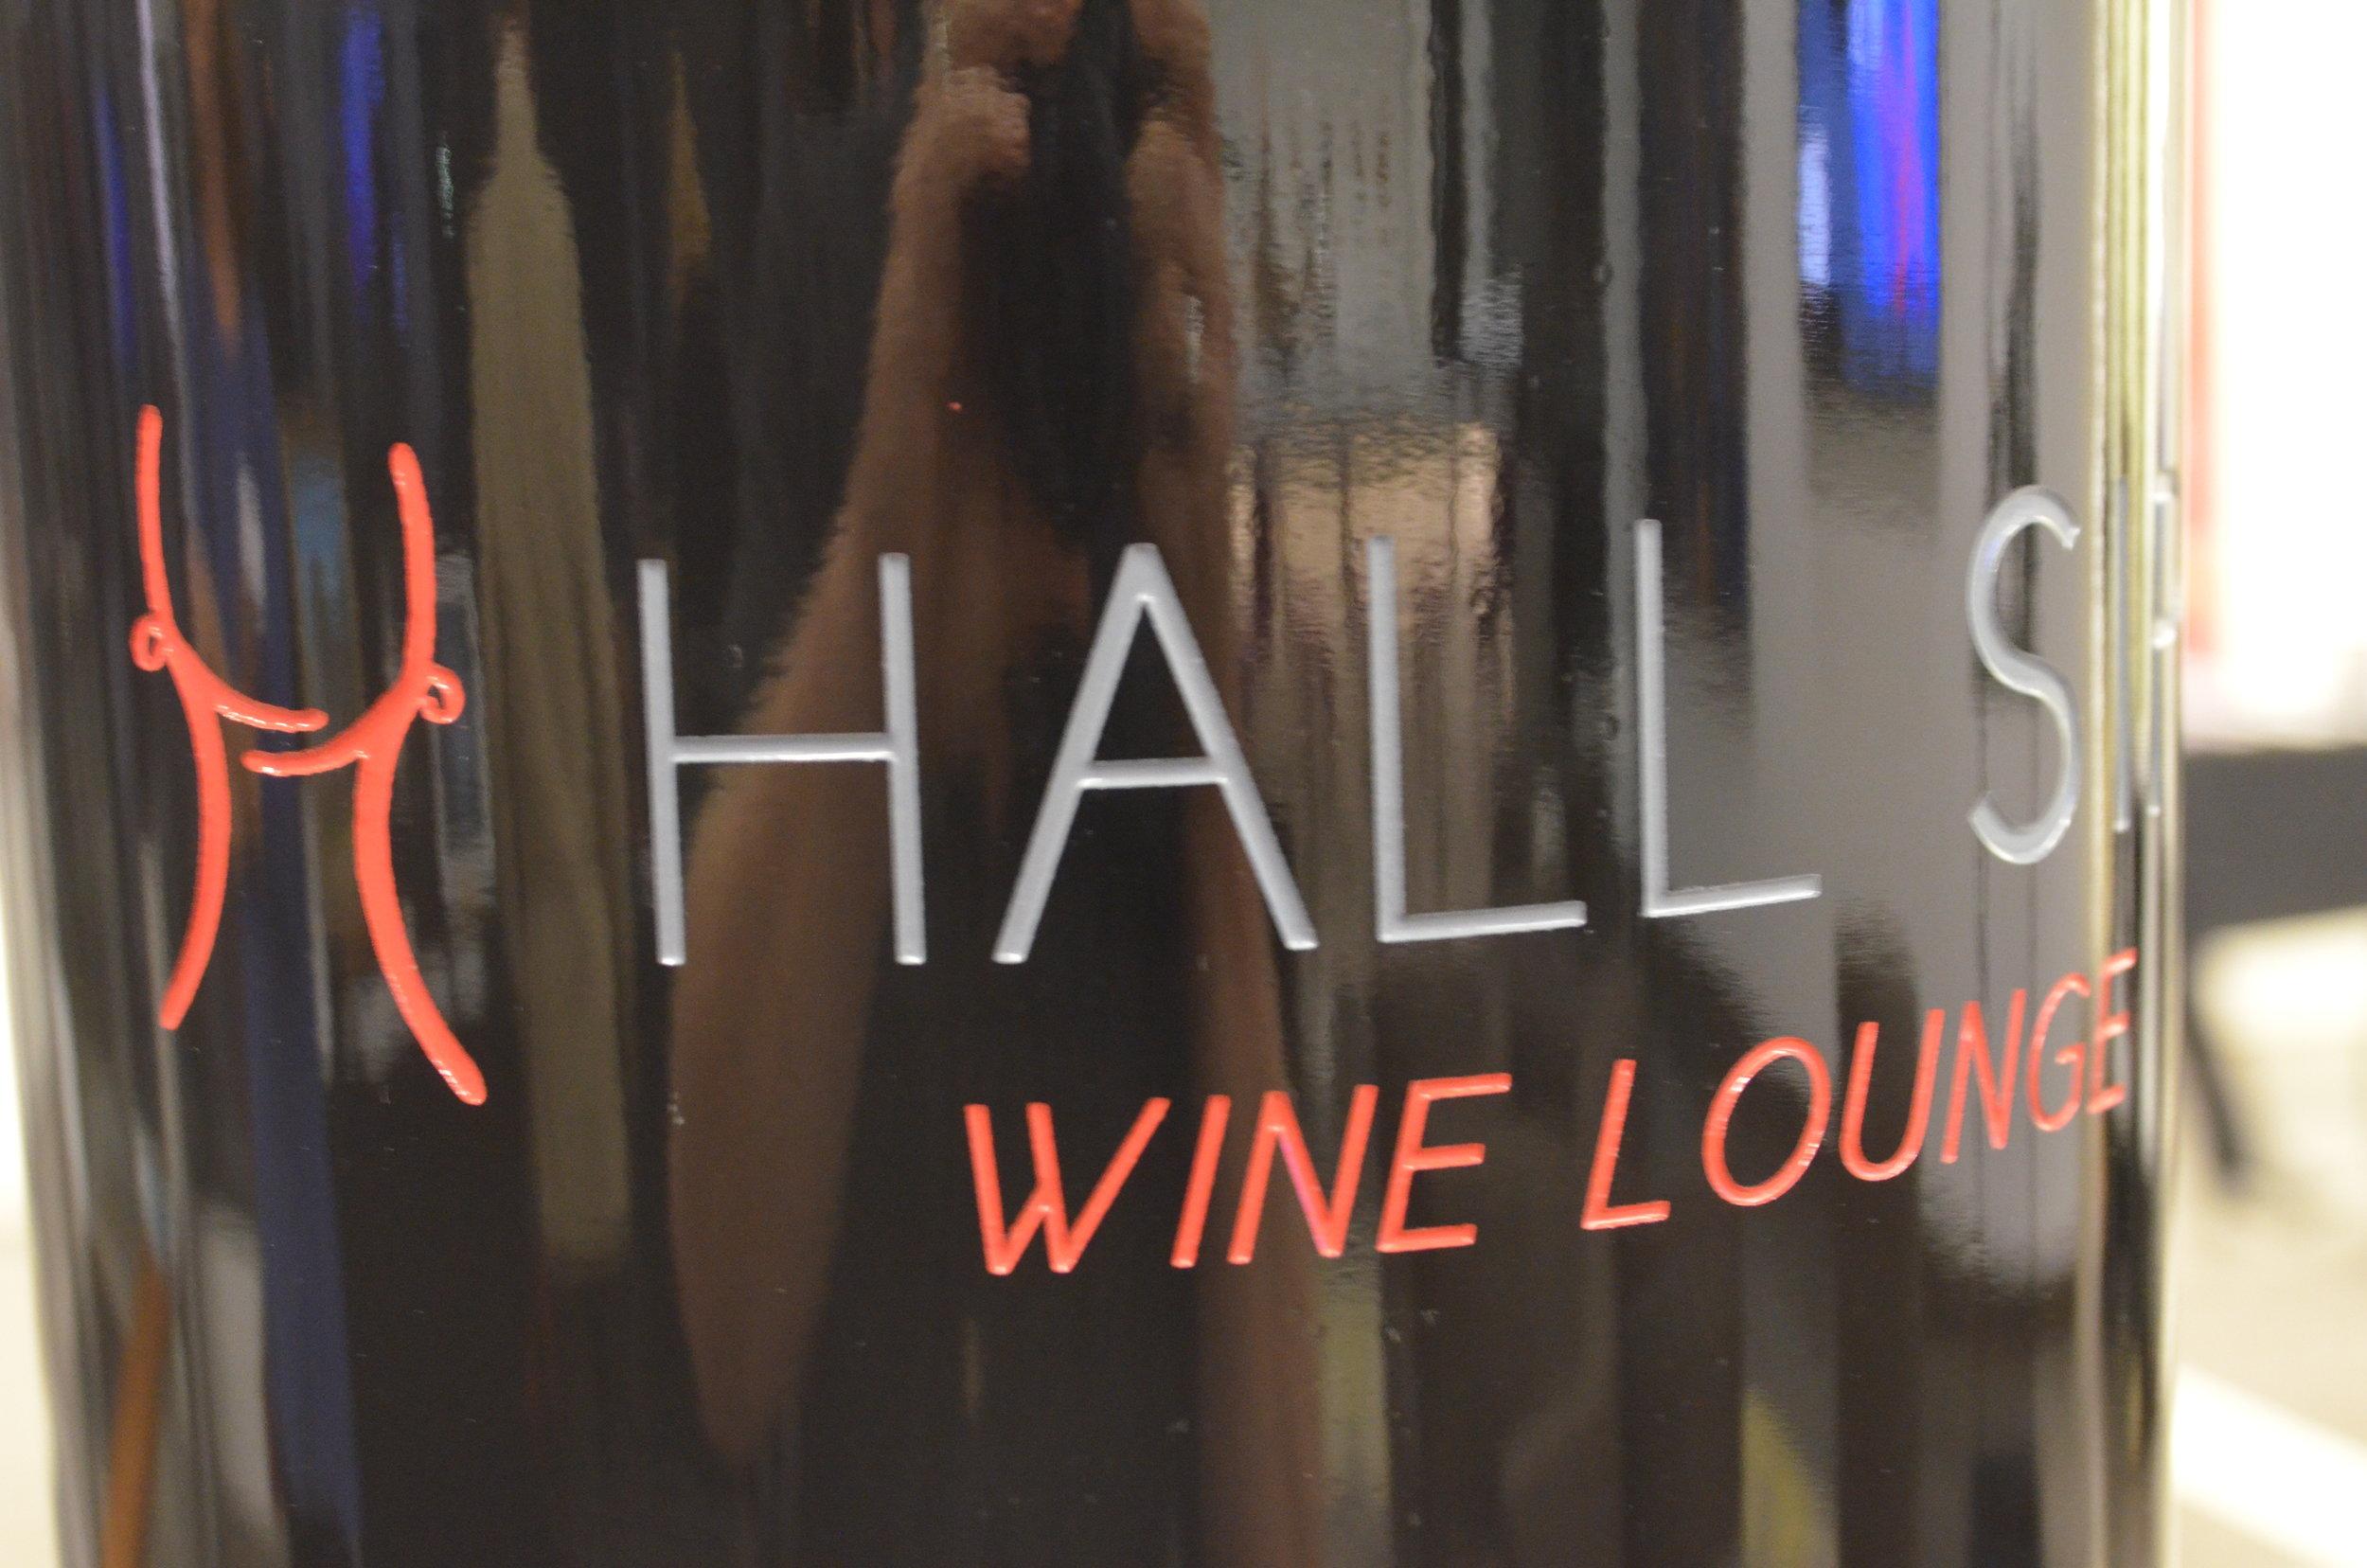 Hall-wine.JPG